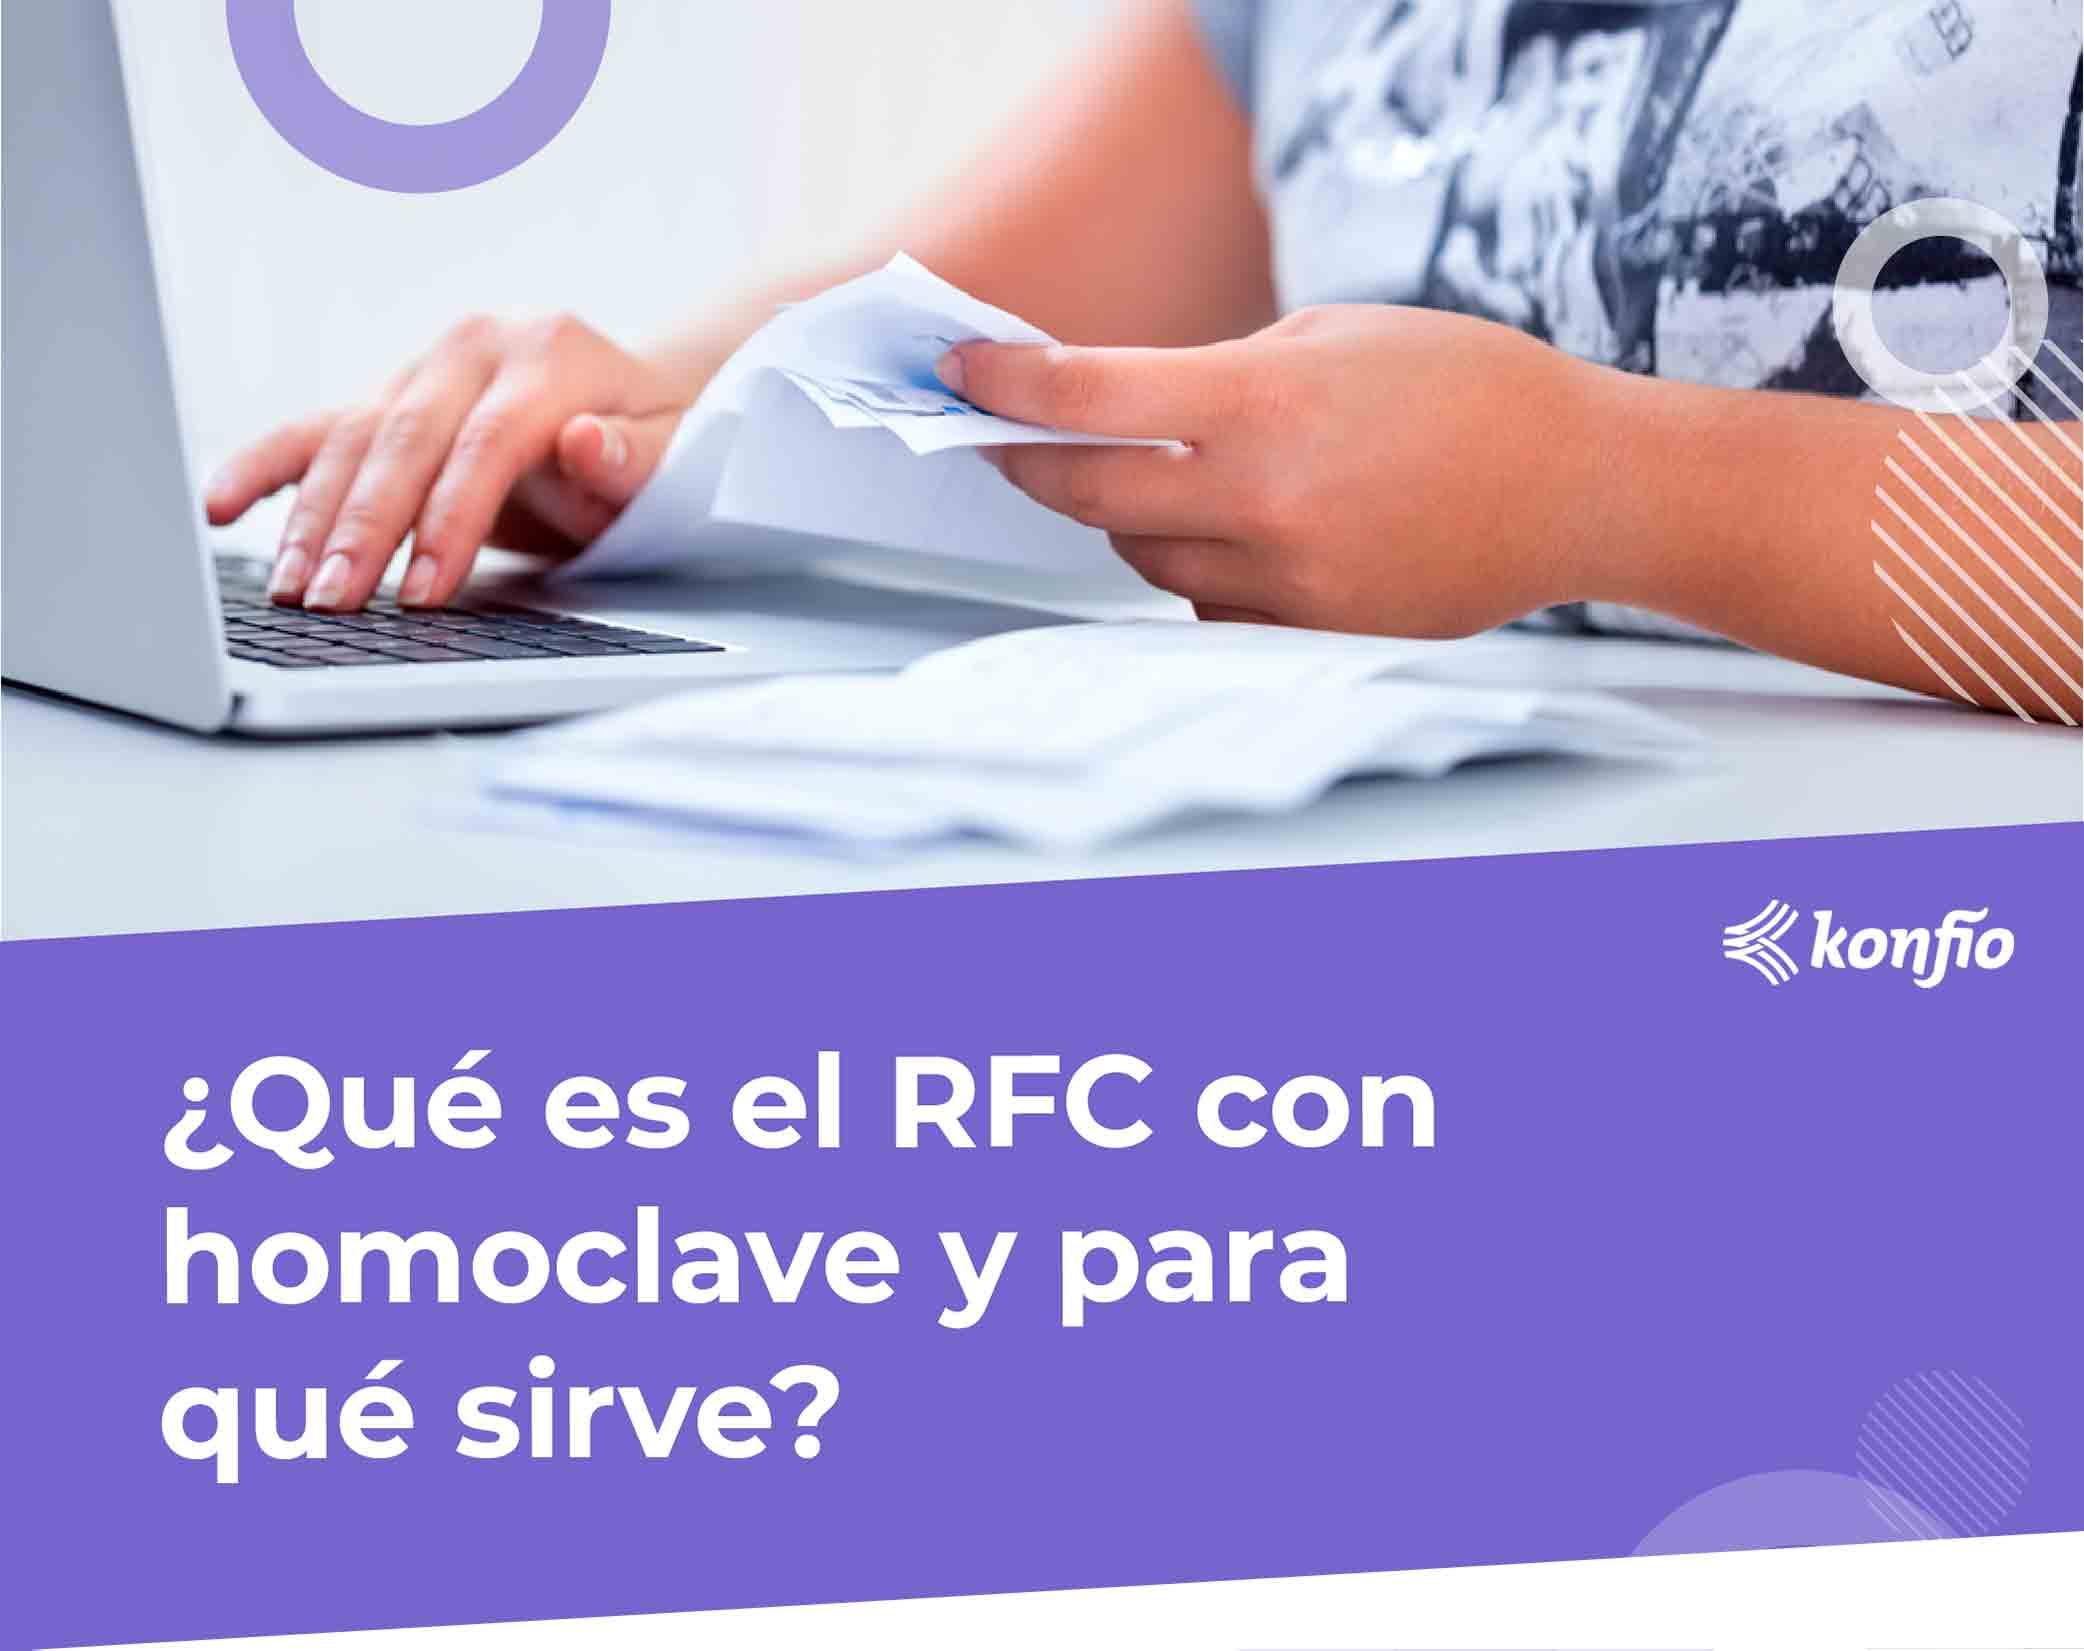 ¿Qué es el RFC con homoclave?